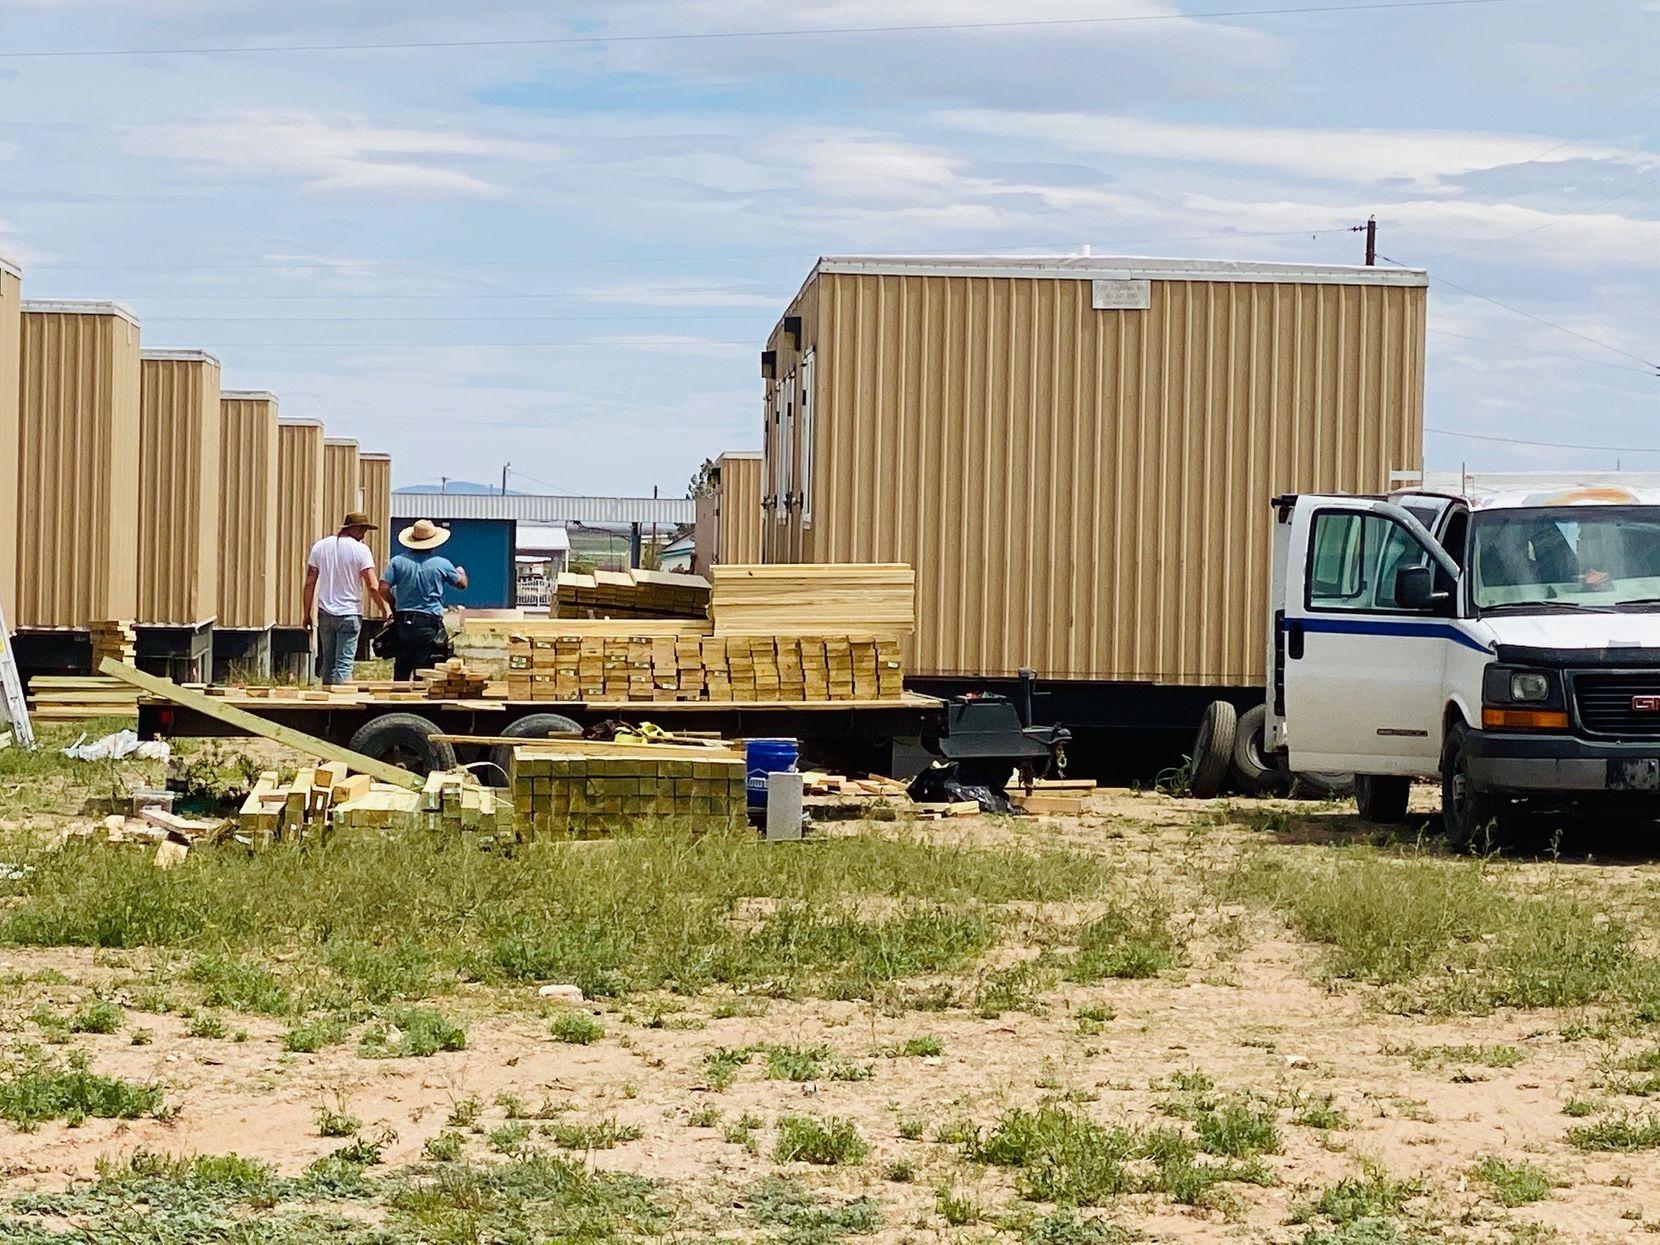 Trabajadores de la compañía SLSCO Ltd. continúan la construcción del muro fronterizo entre Columbus, Nuevo México, y Chihuahua, México.